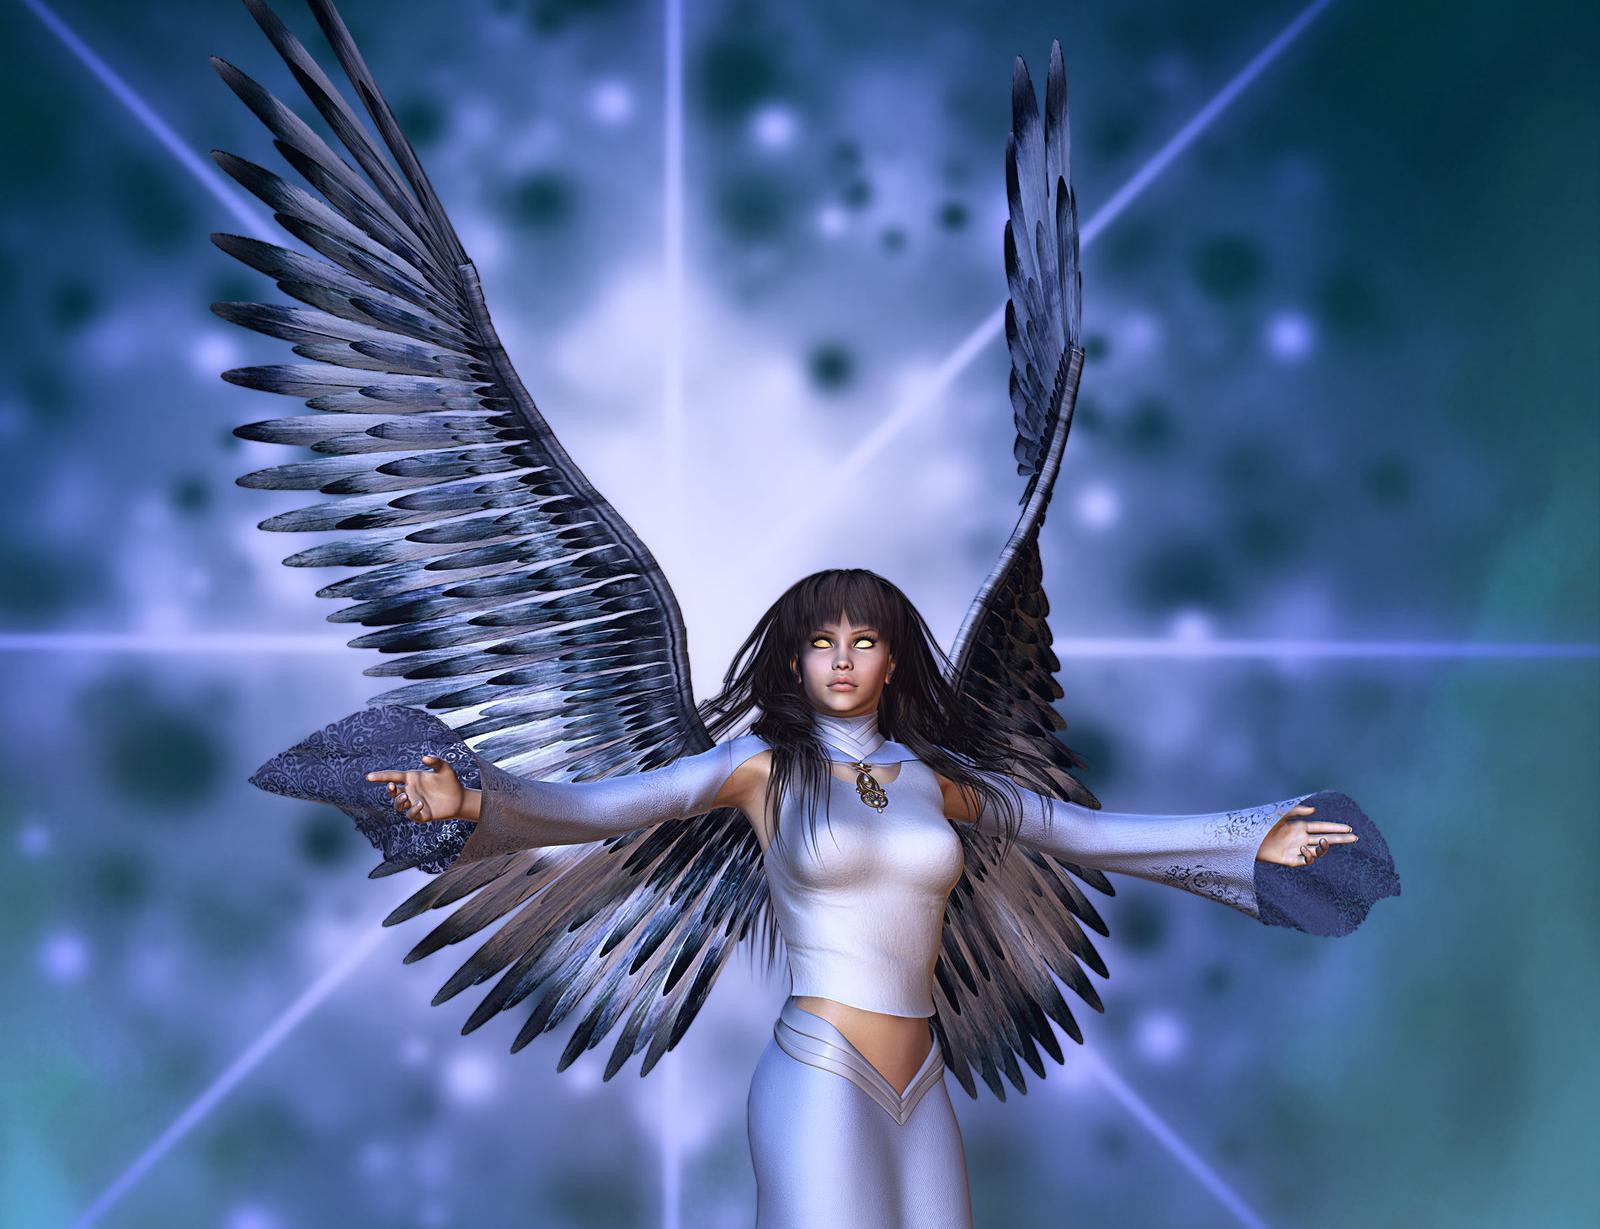 Black angel devil wallpaper wallpapersafari - Angel girl wallpaper ...